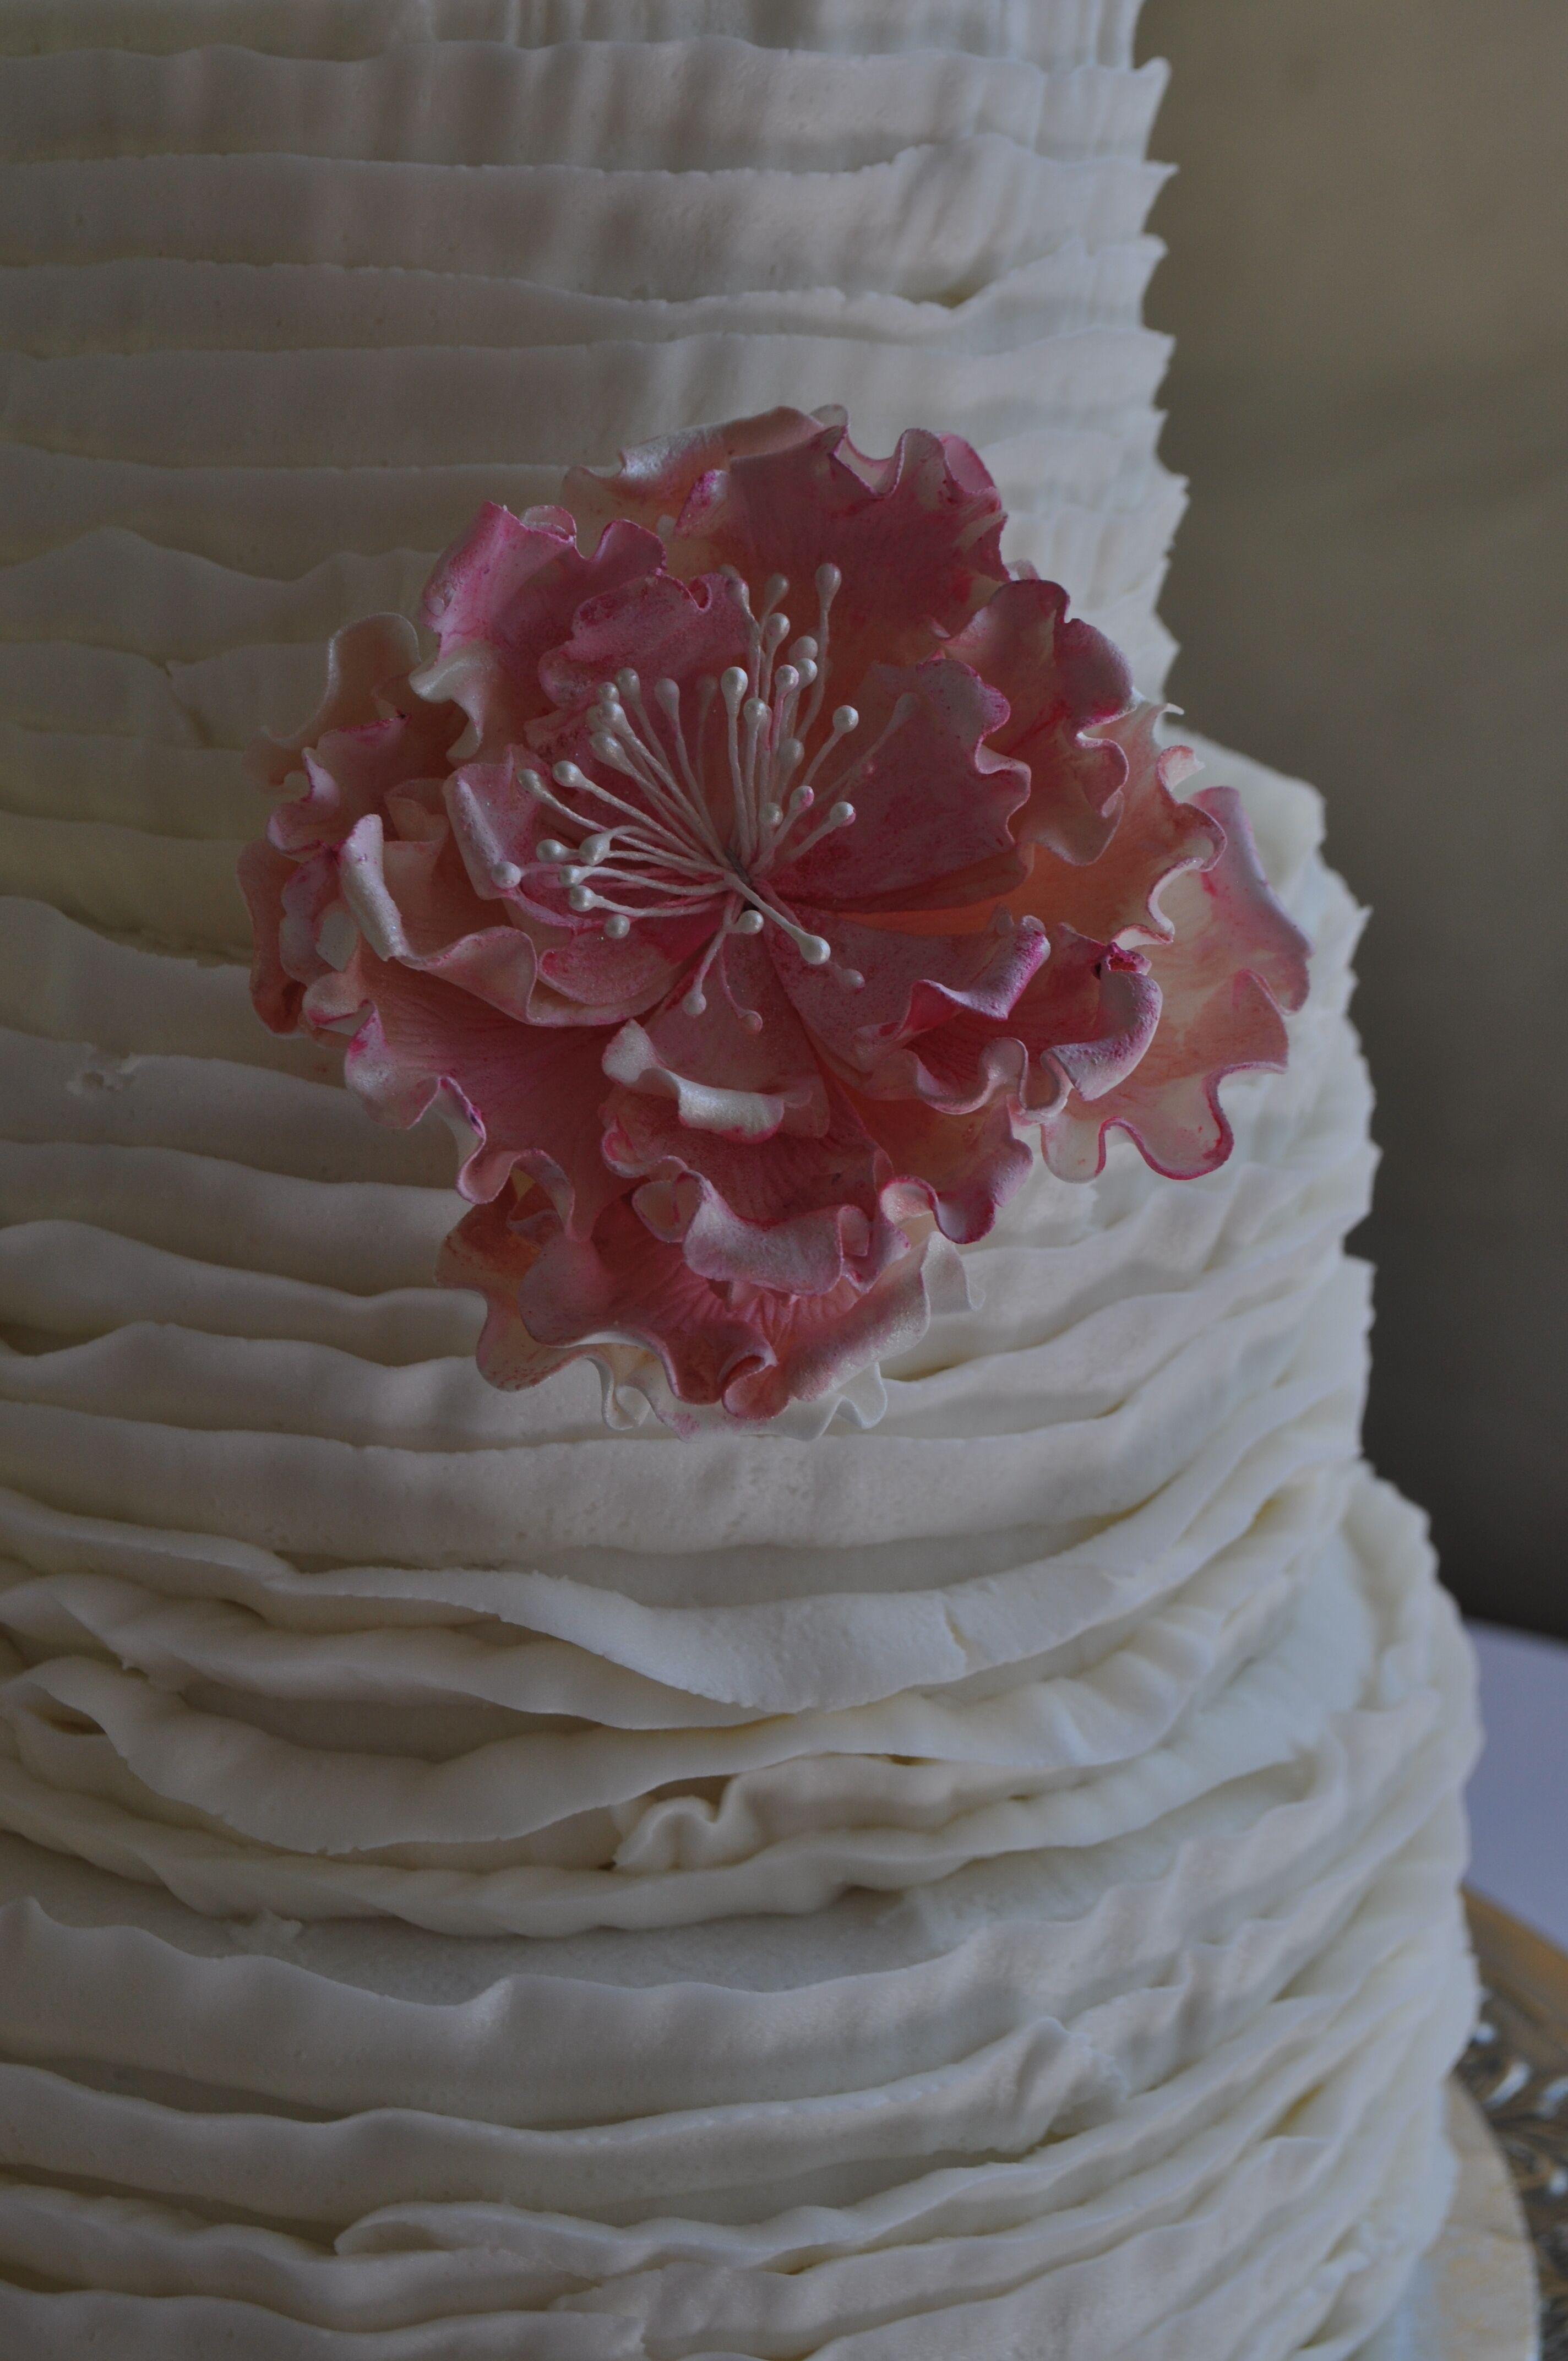 alice u0026 39 s piece of cake  llc